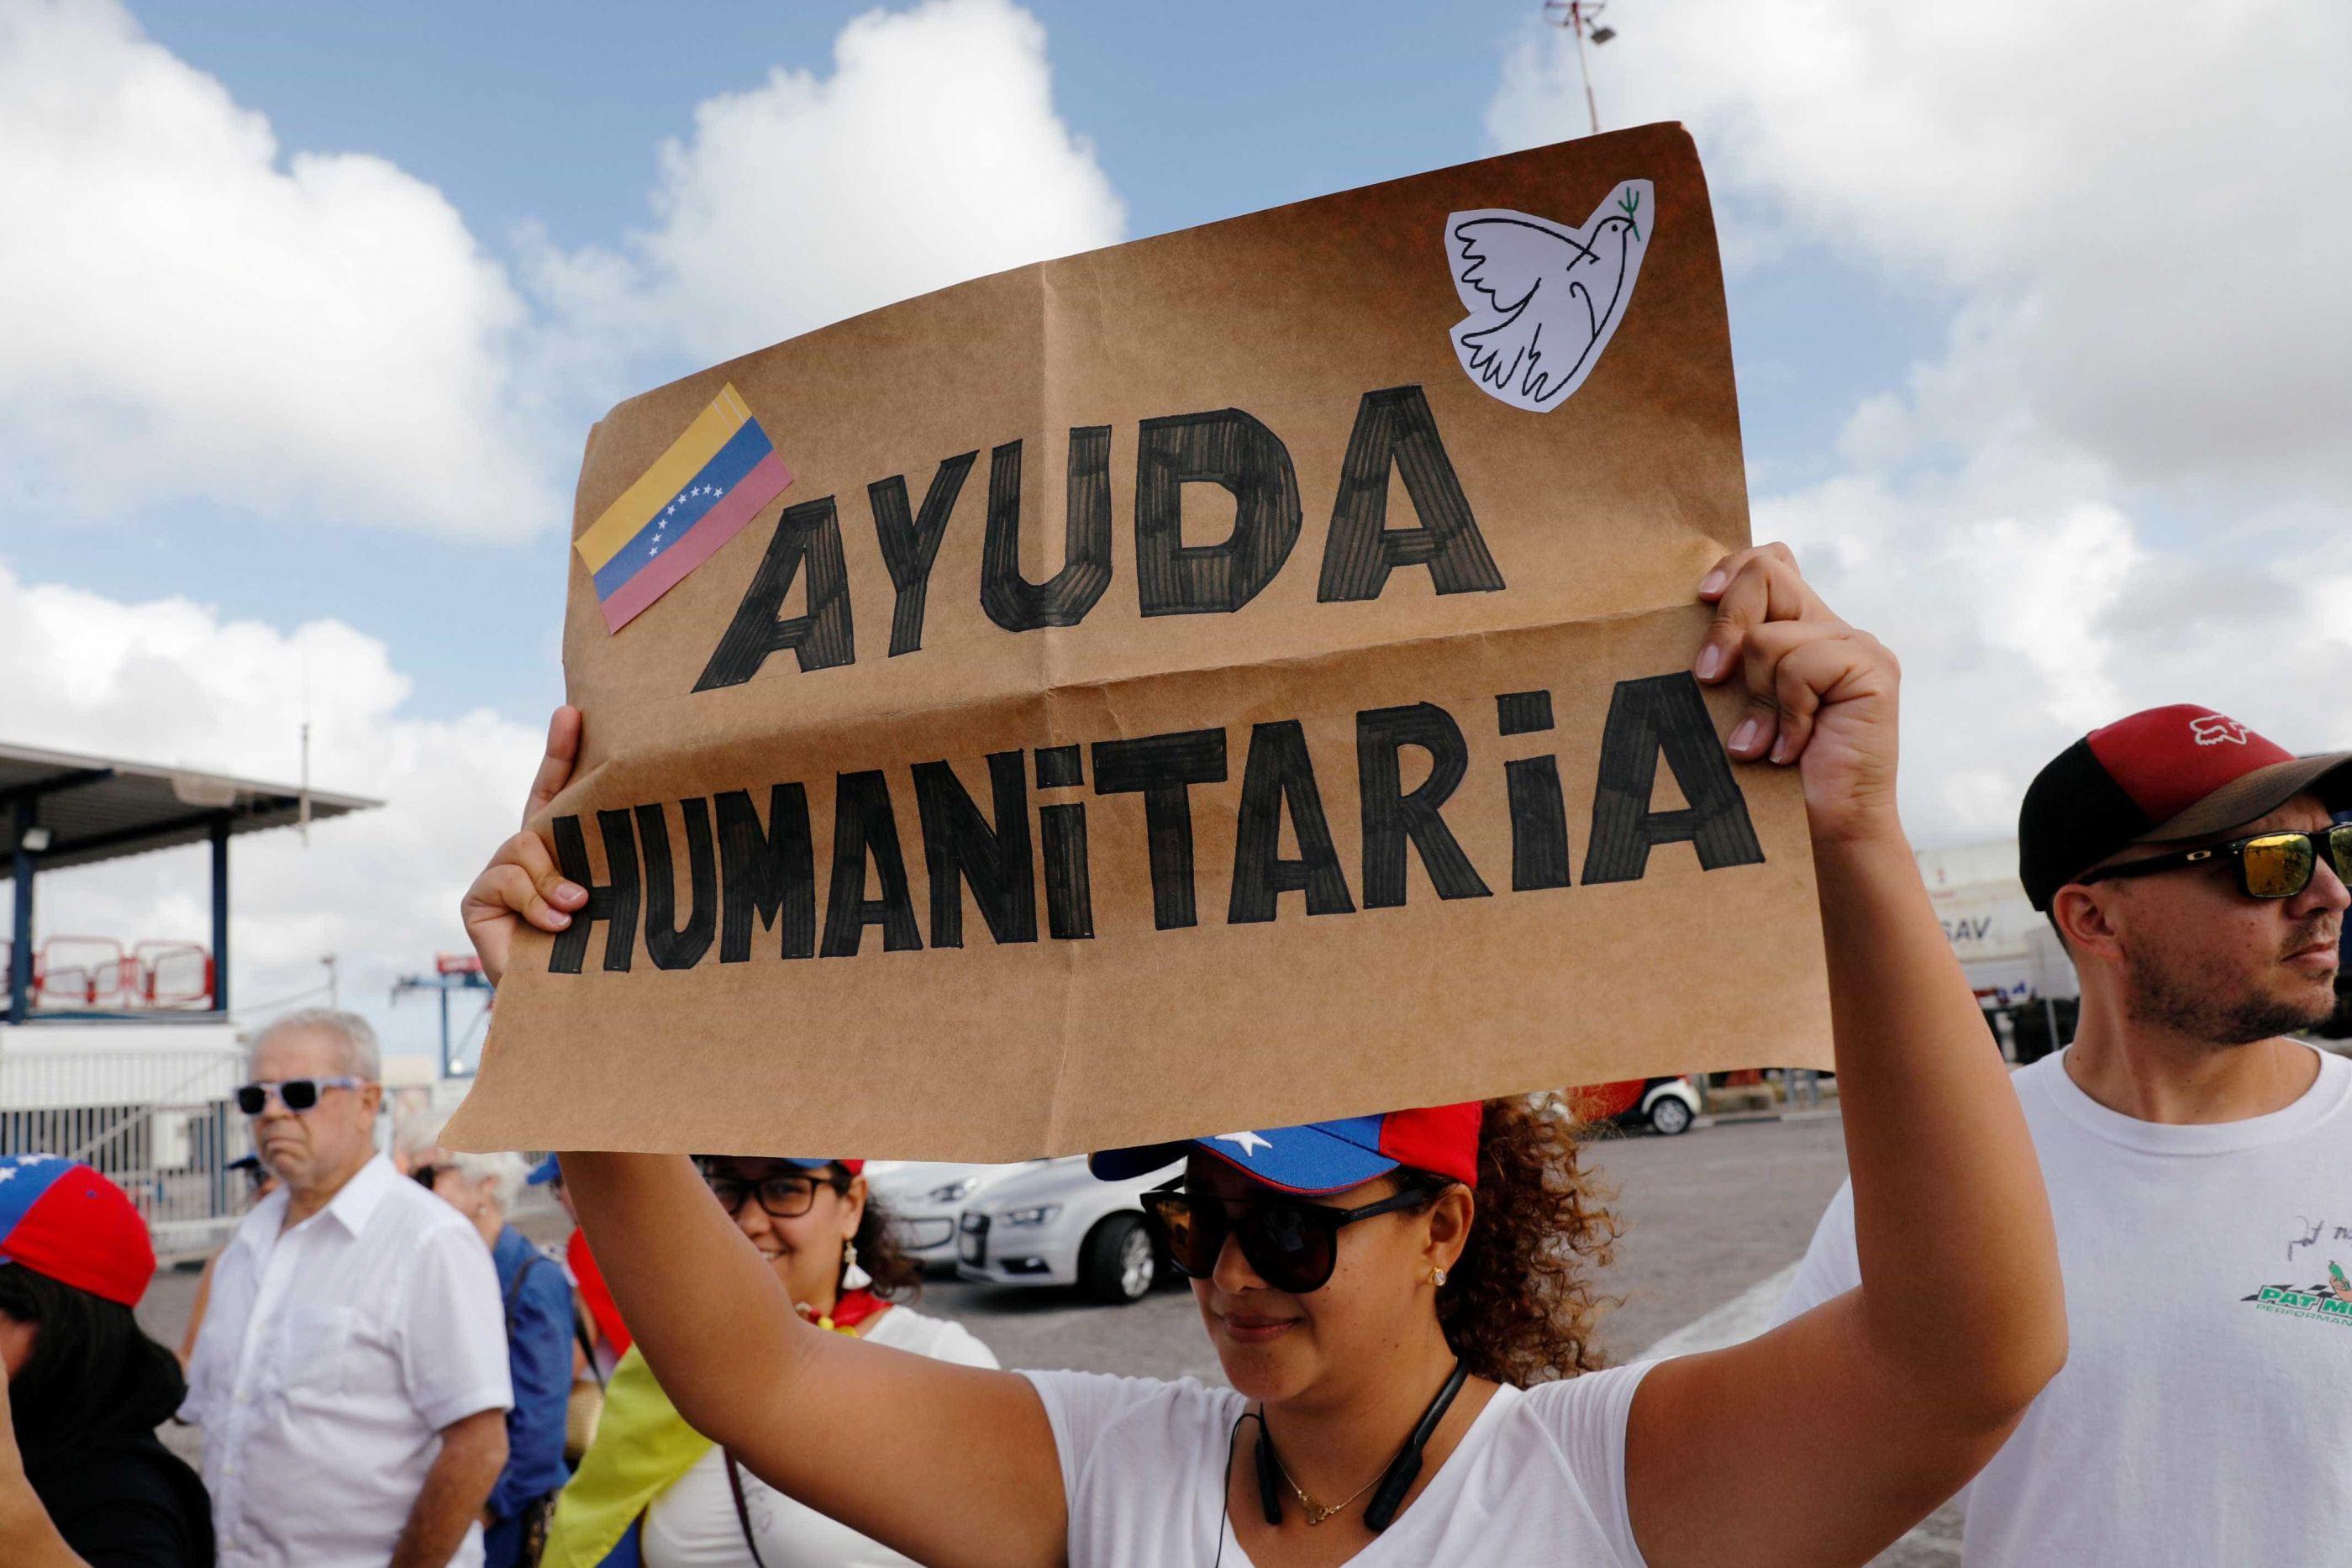 Fotos: pedras, fogo e desespero de quem luta por ajuda na Venezuela